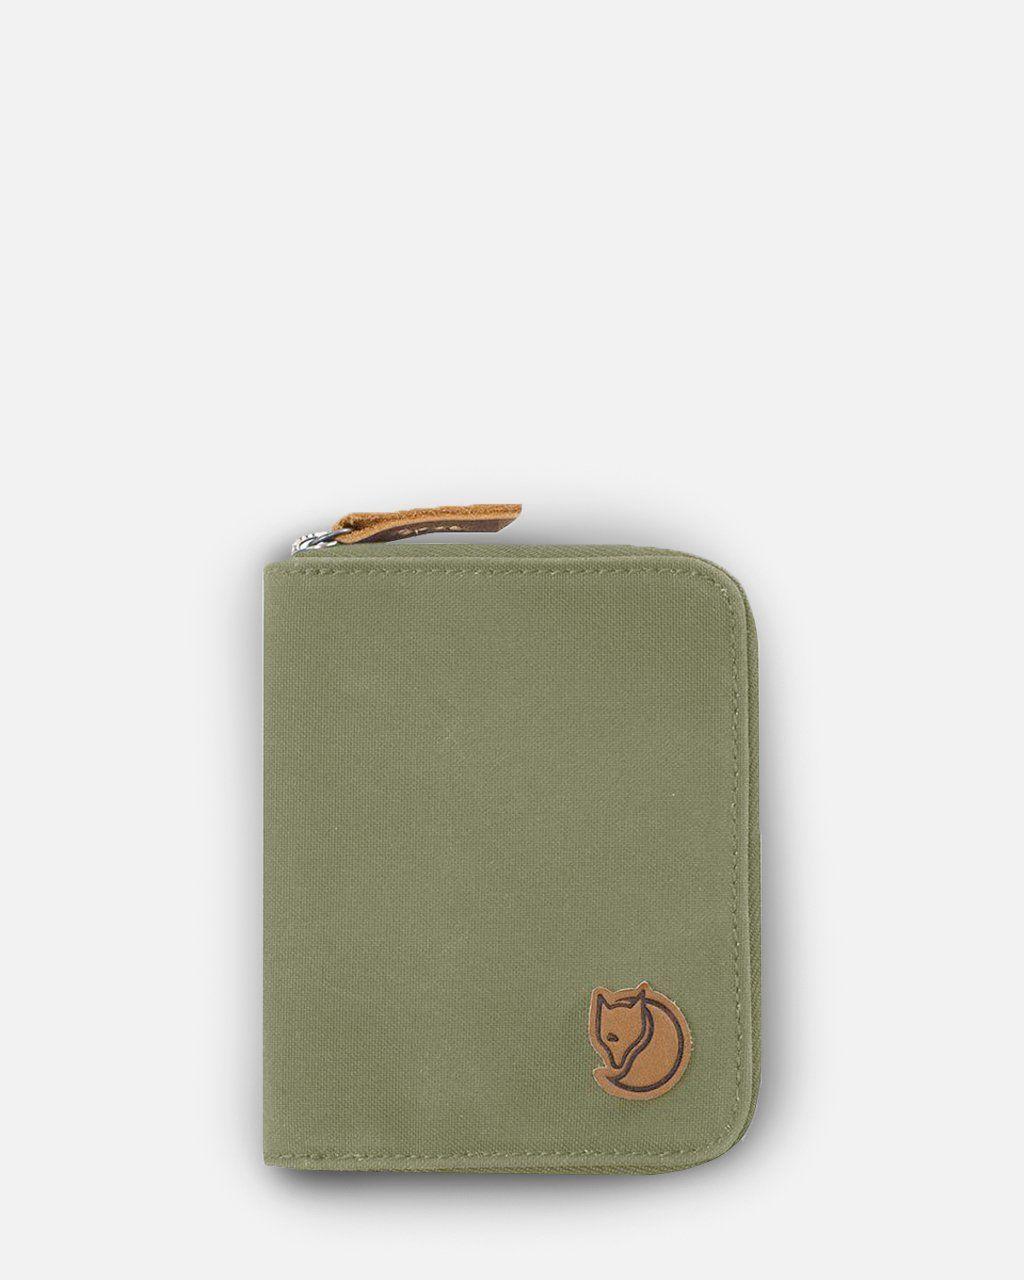 Fjallraven zip wallet in 2021 zip wallet fjallraven wallet